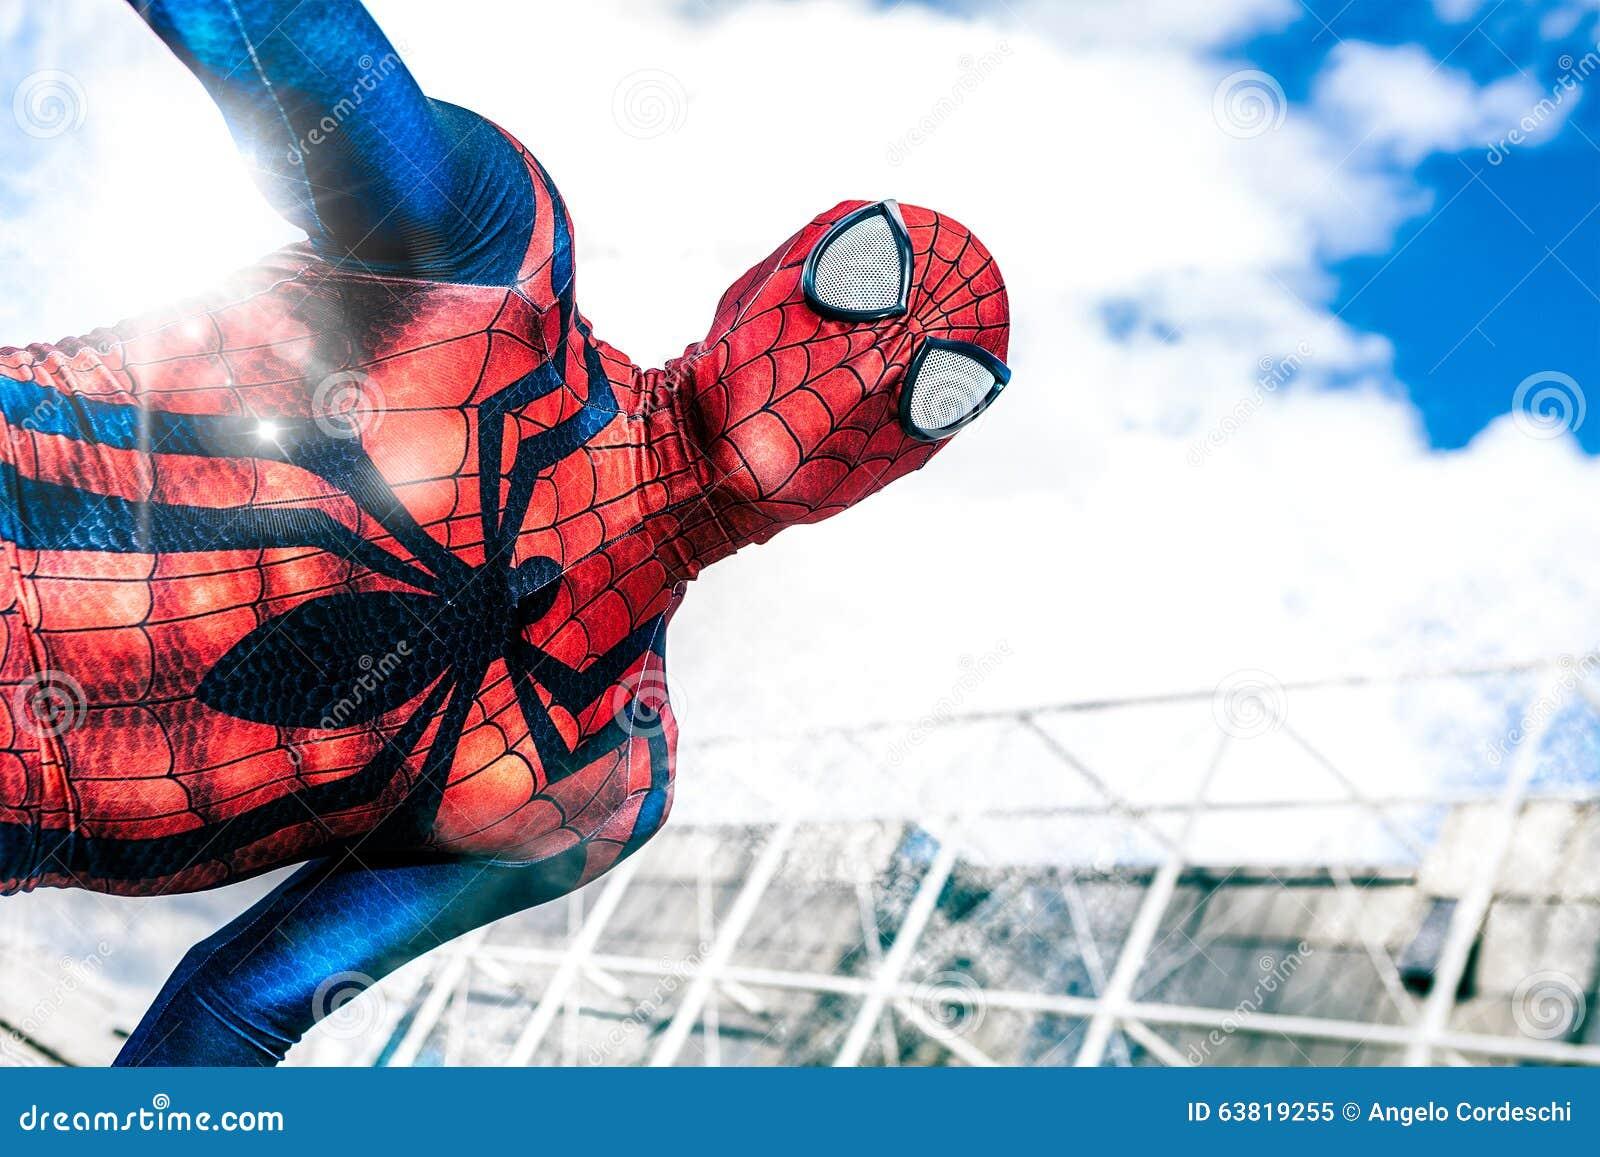 Tebeos de las celebridades Super héroe de los tebeos de la maravilla del hombre araña Hombre araña